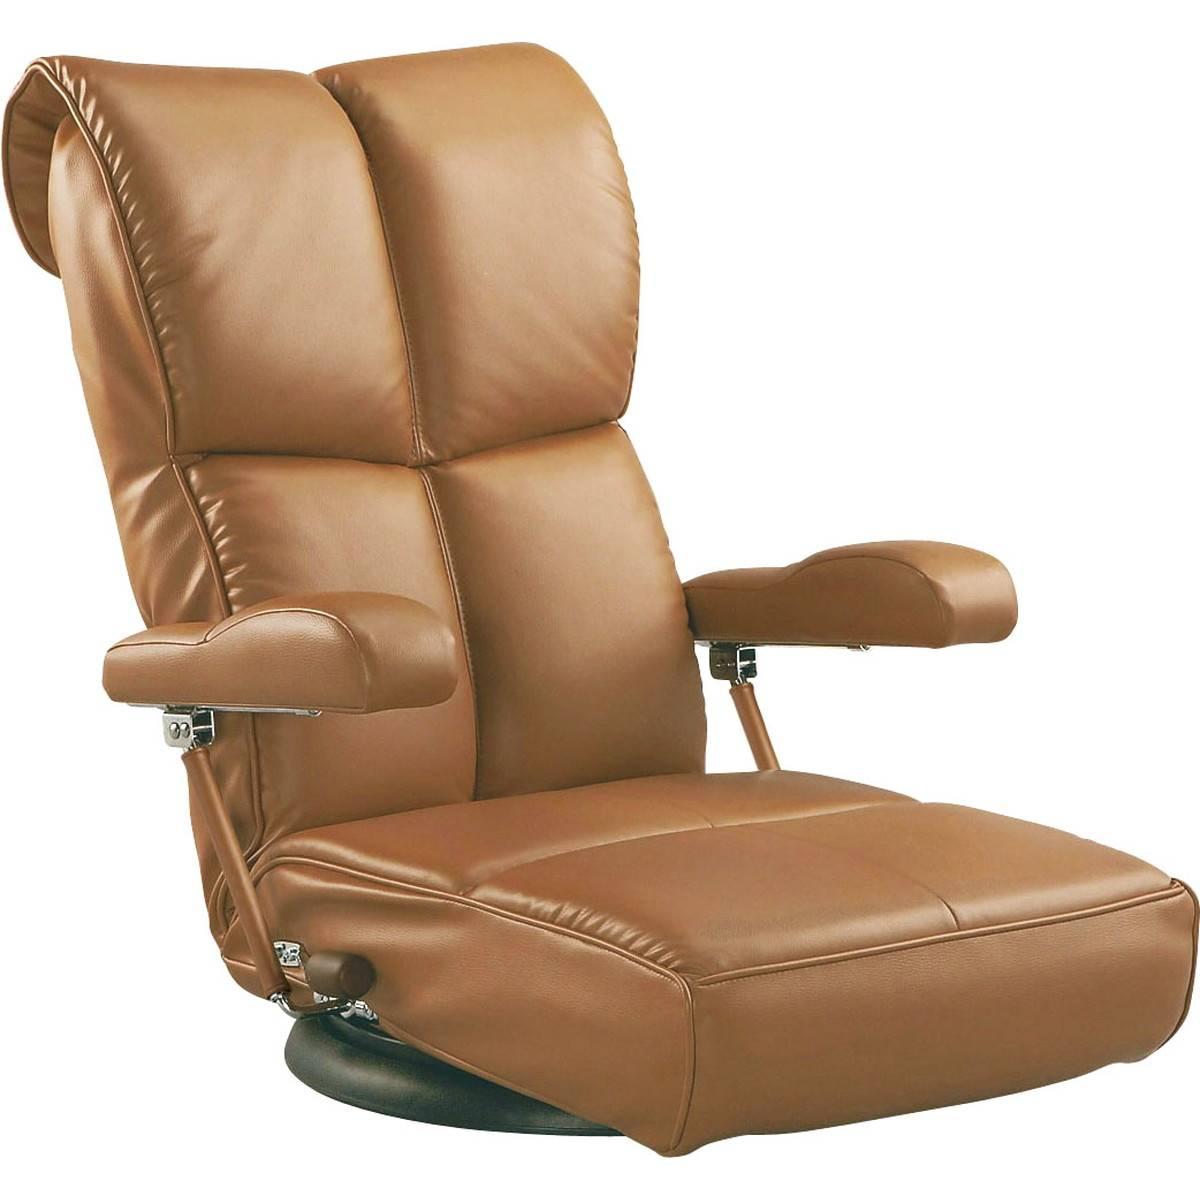 日本製 スーパーソフトレザー ハイバック座椅子 360度回転 リクライニング (ブラウン)